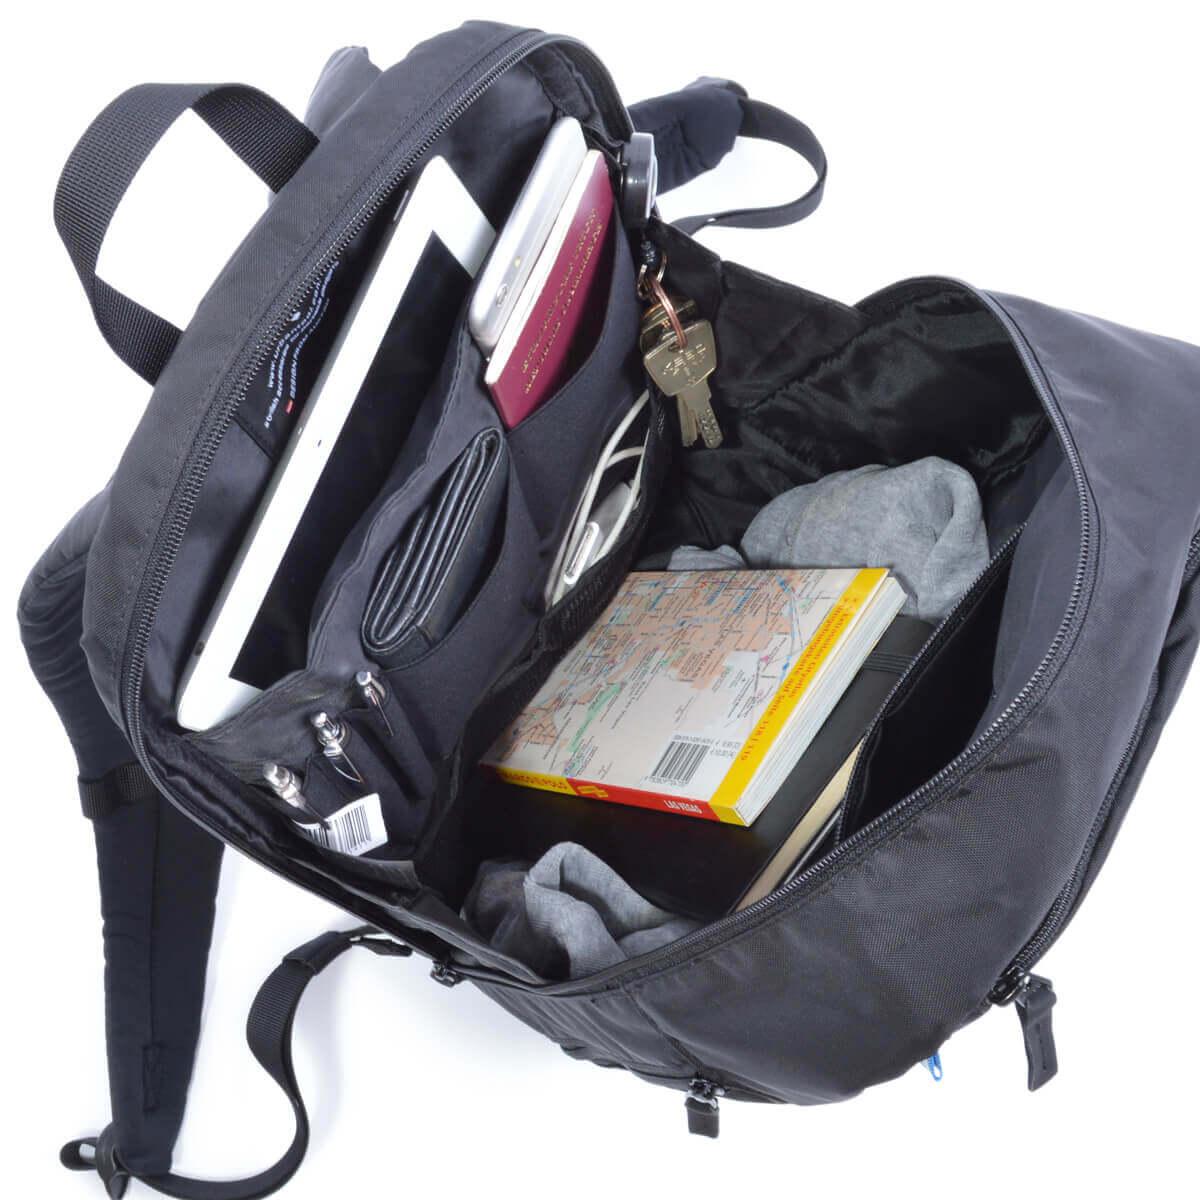 Reise Rucksack Sport Laptop Leicht Tablet URBAN TOOL ® travel backPack